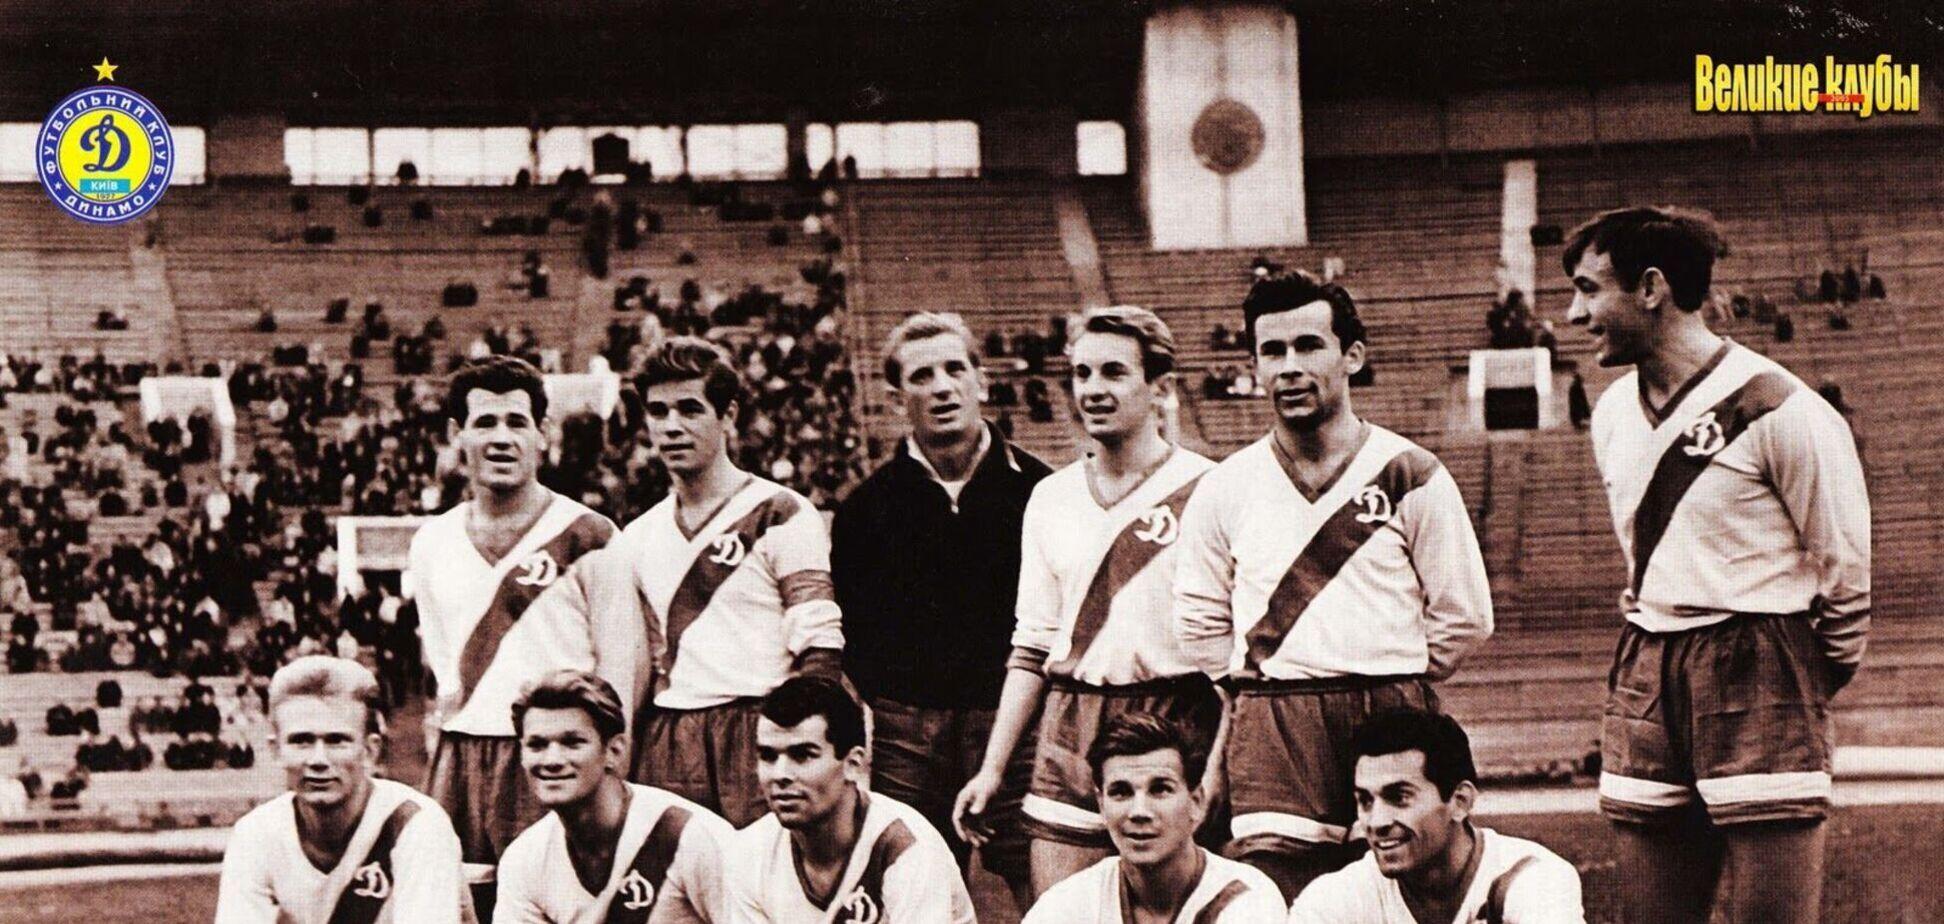 'Динамо' 60 лет назад выиграло первое чемпионство СССР, прервав гегемонию Москвы: как это было